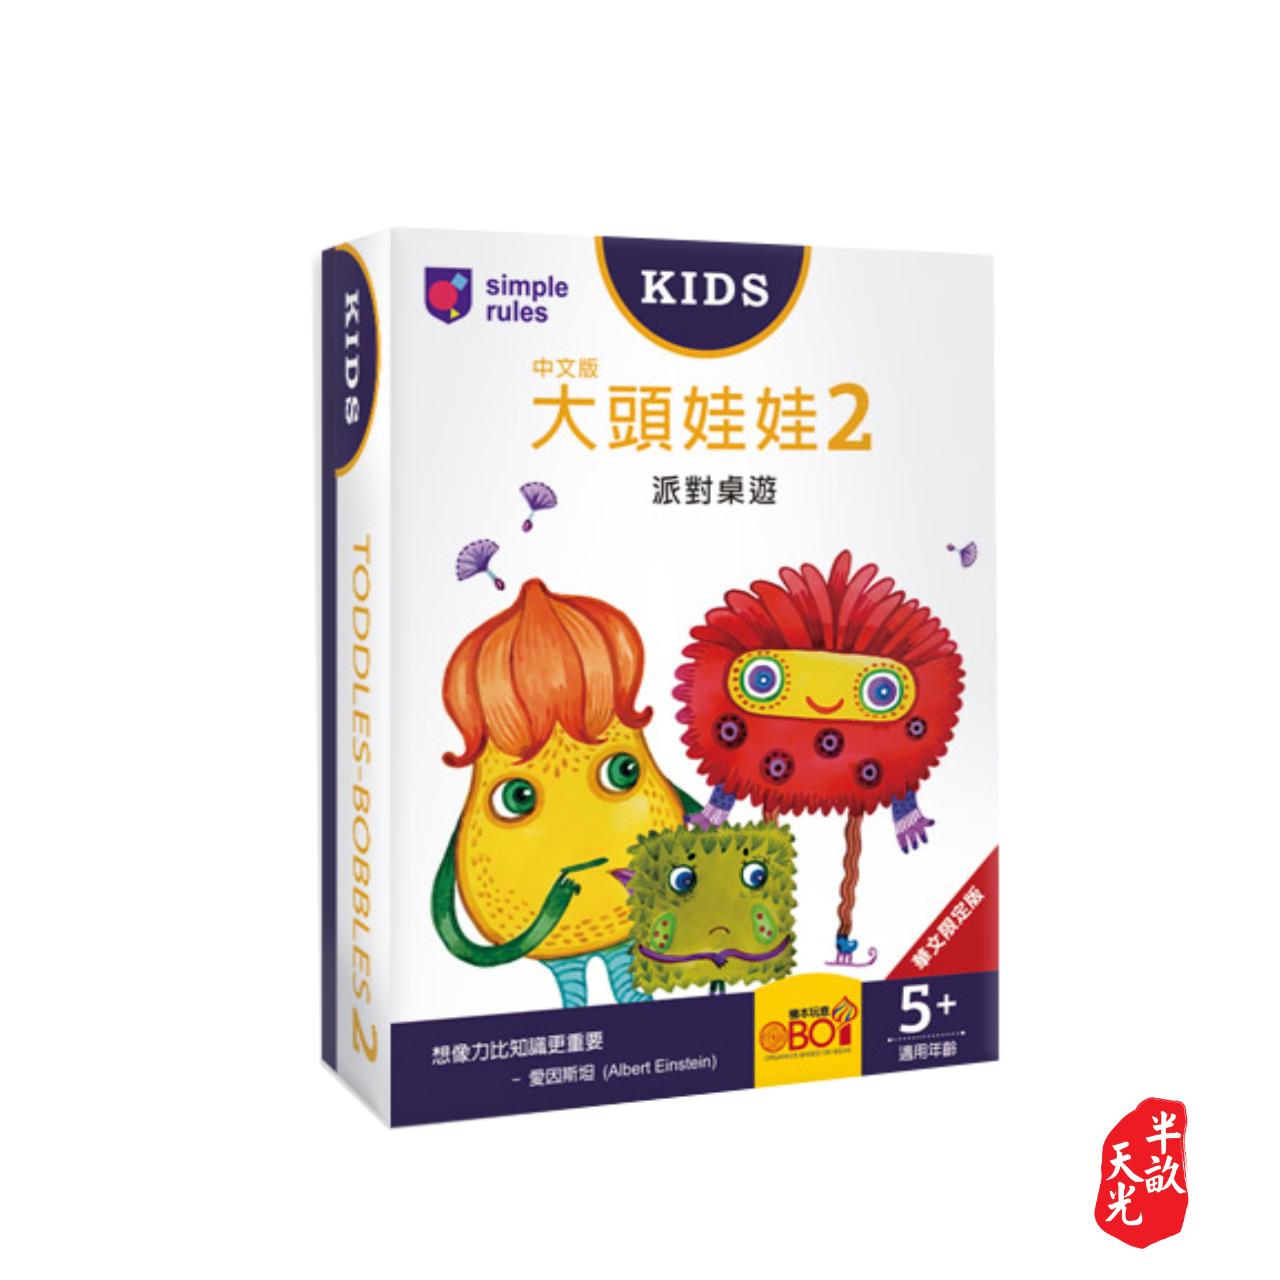 儿童桌游/派对游戏/正版桌游:大头娃娃2 中文版 Toddles-bobbles2